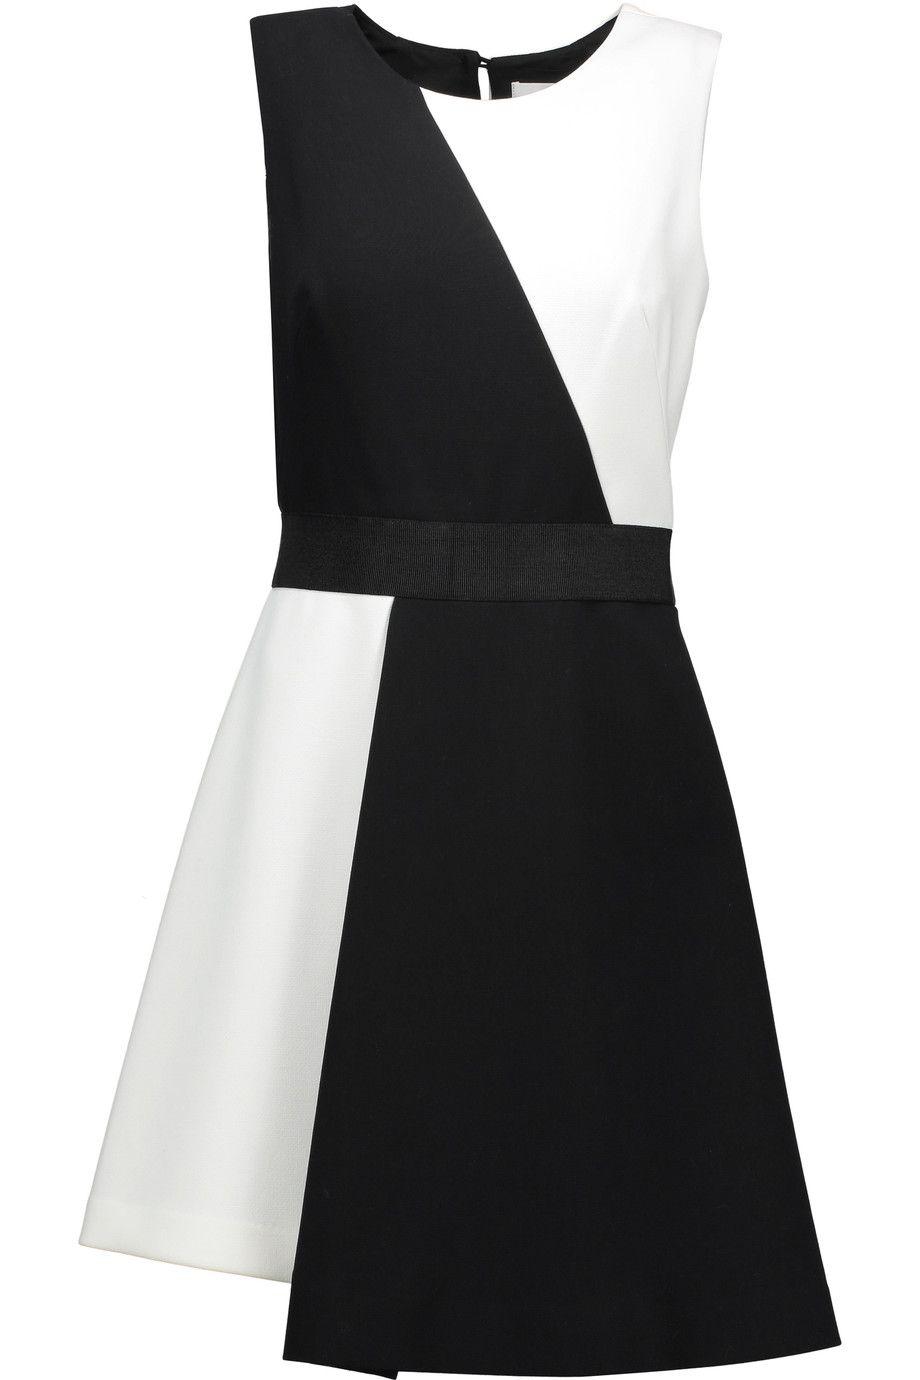 MILLY Asymmetric Two-Tone Stretch-Cady Mini Dress. #milly #cloth #dress